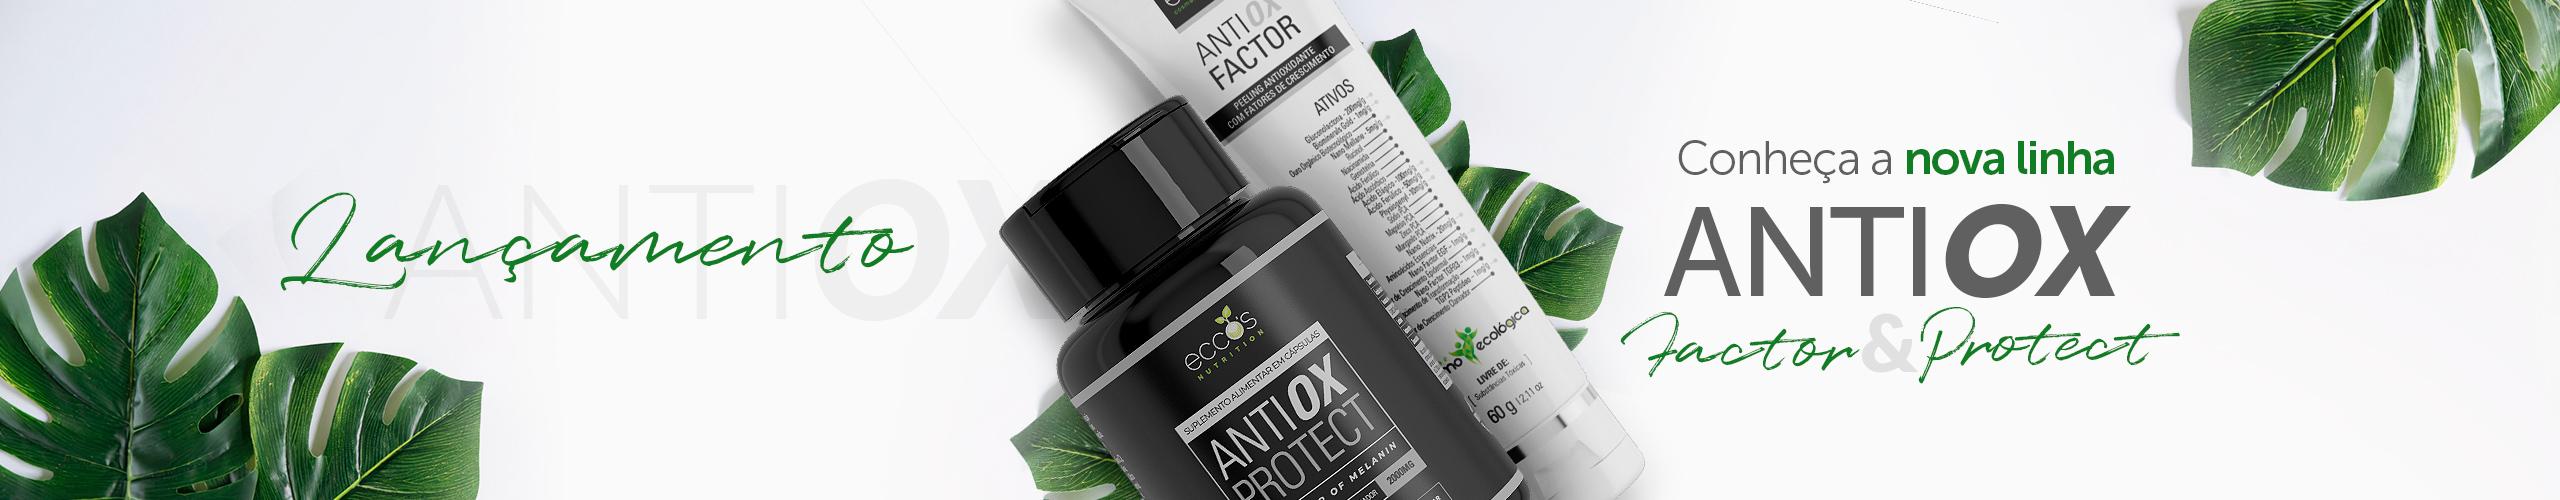 Full Banner Antiox